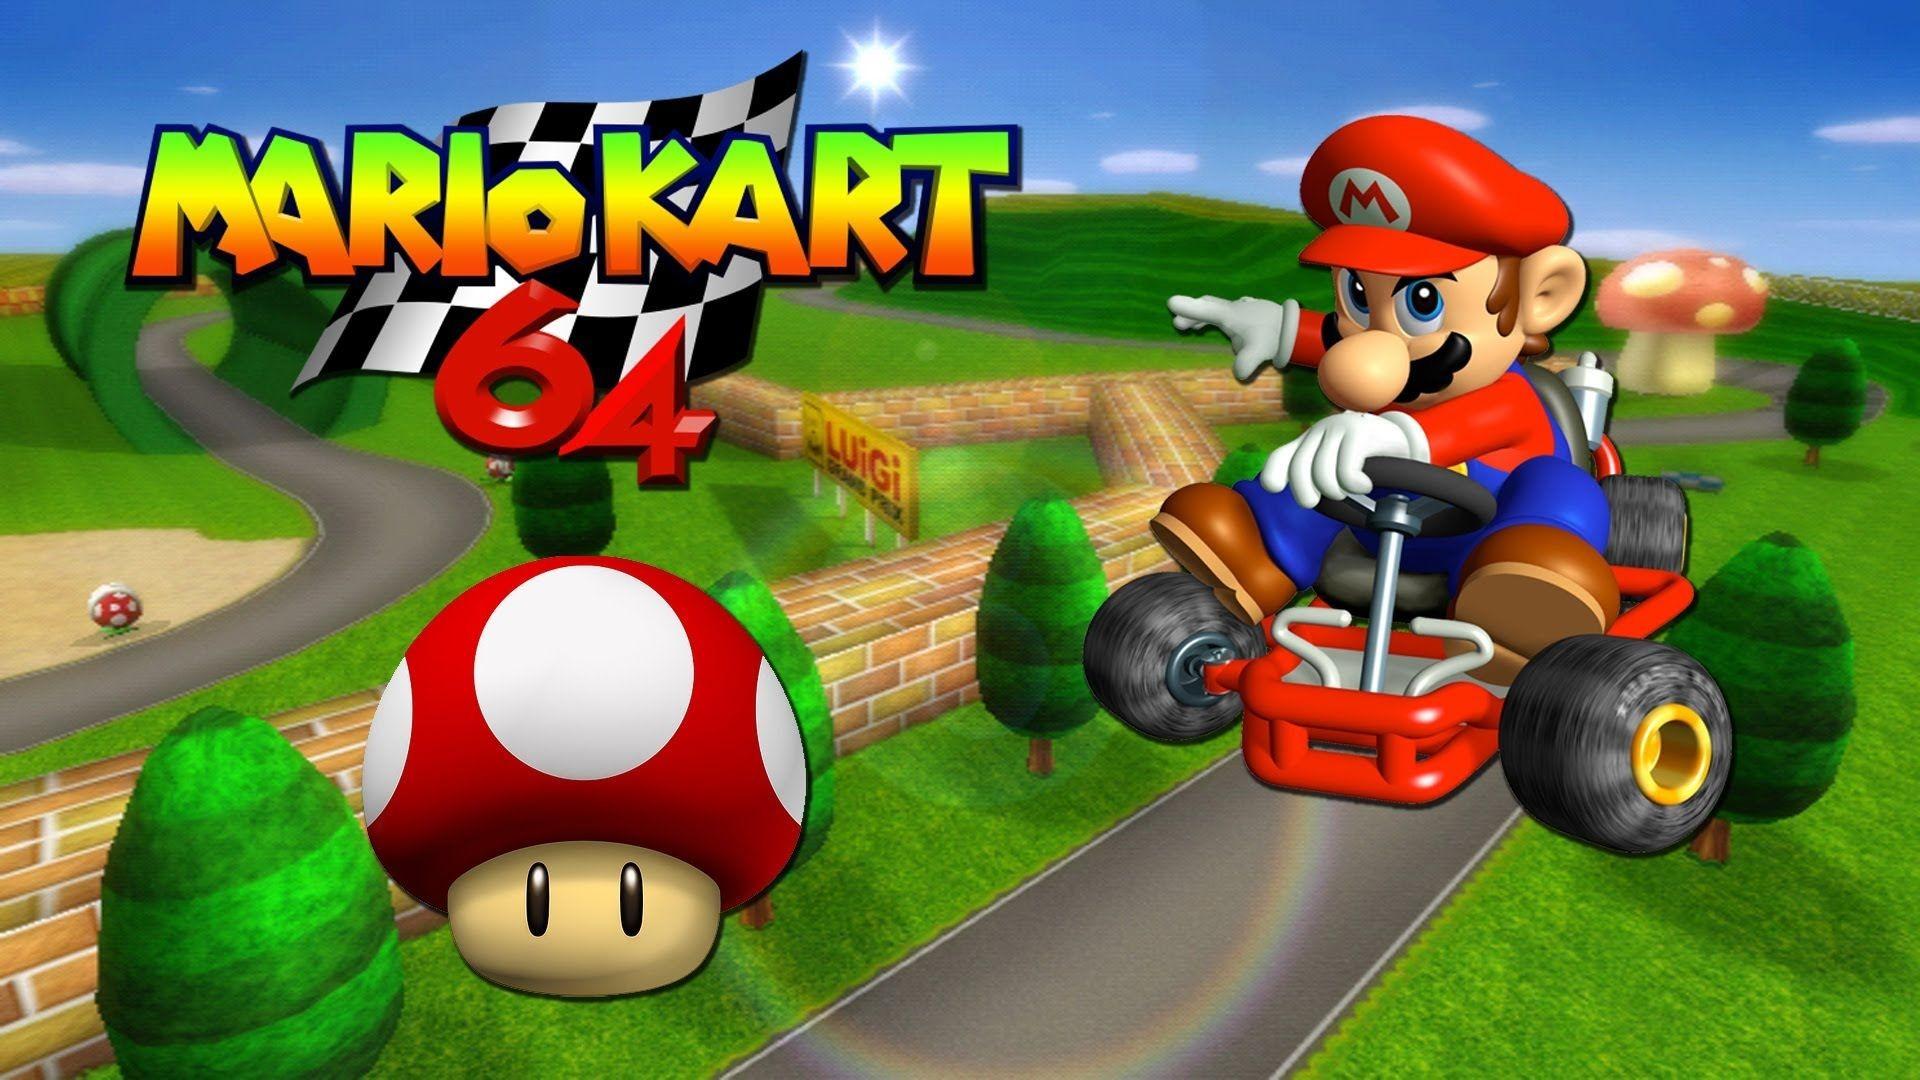 1920x1080px Mario Kart 64 #358484